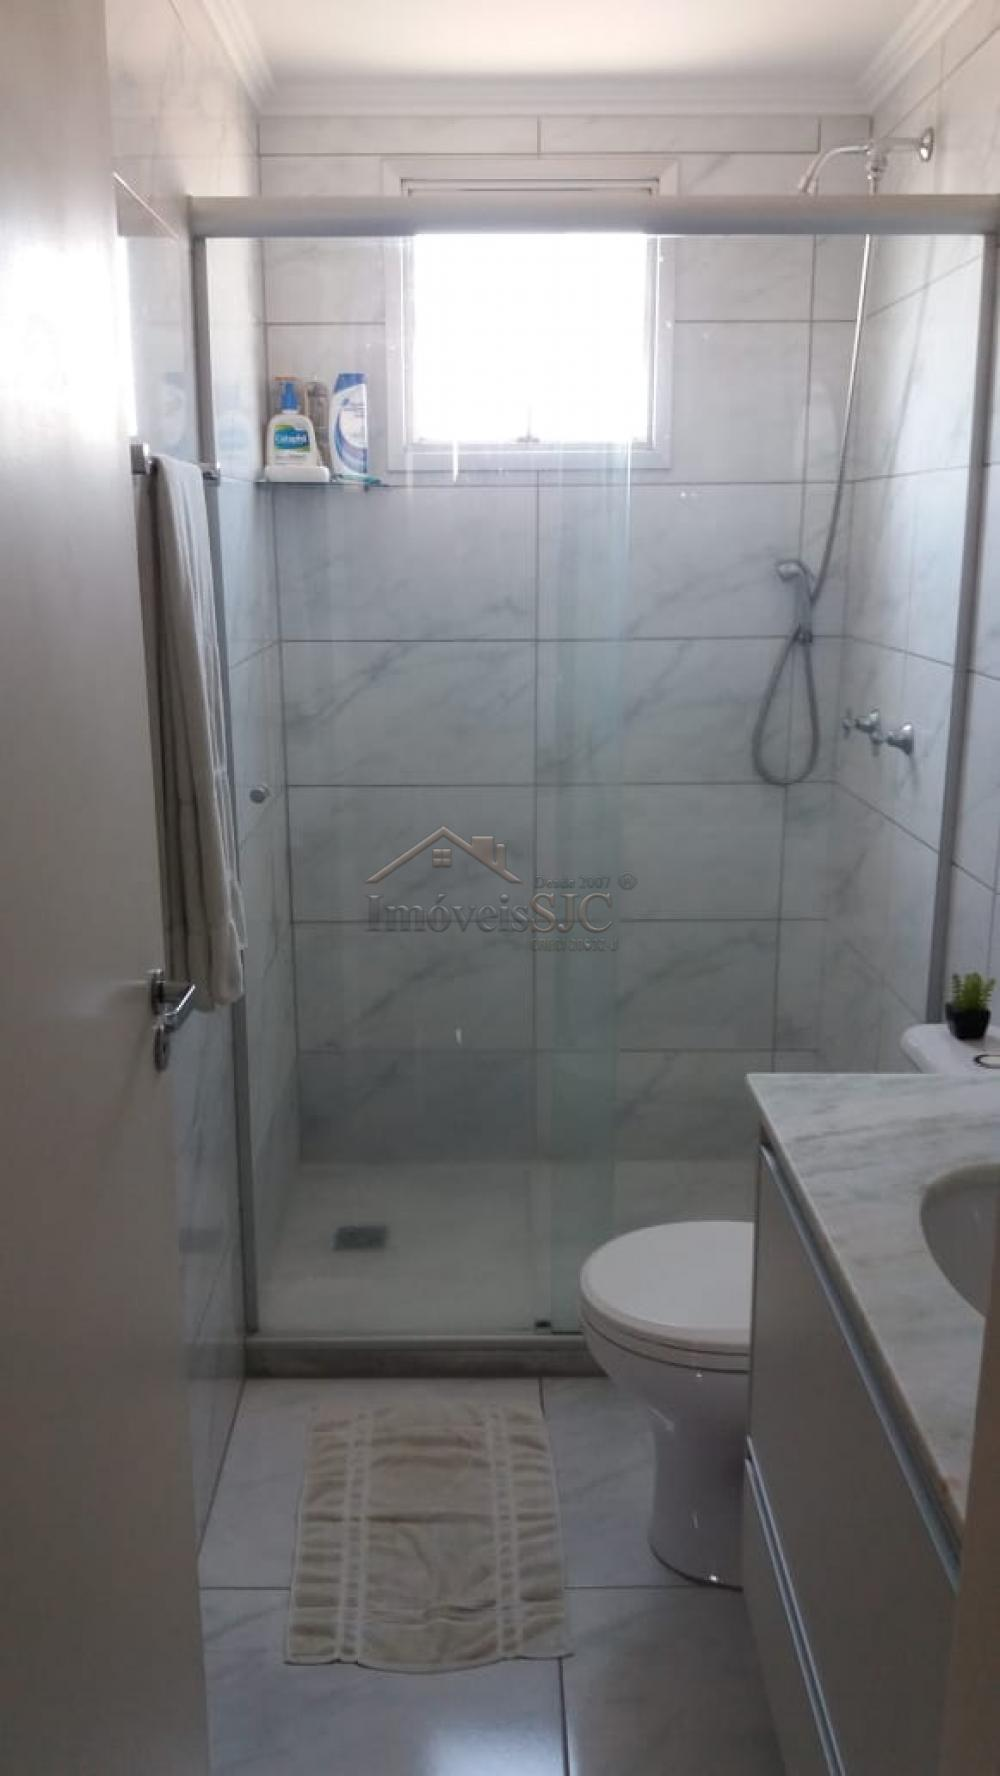 Comprar Apartamentos / Padrão em São José dos Campos apenas R$ 275.000,00 - Foto 13